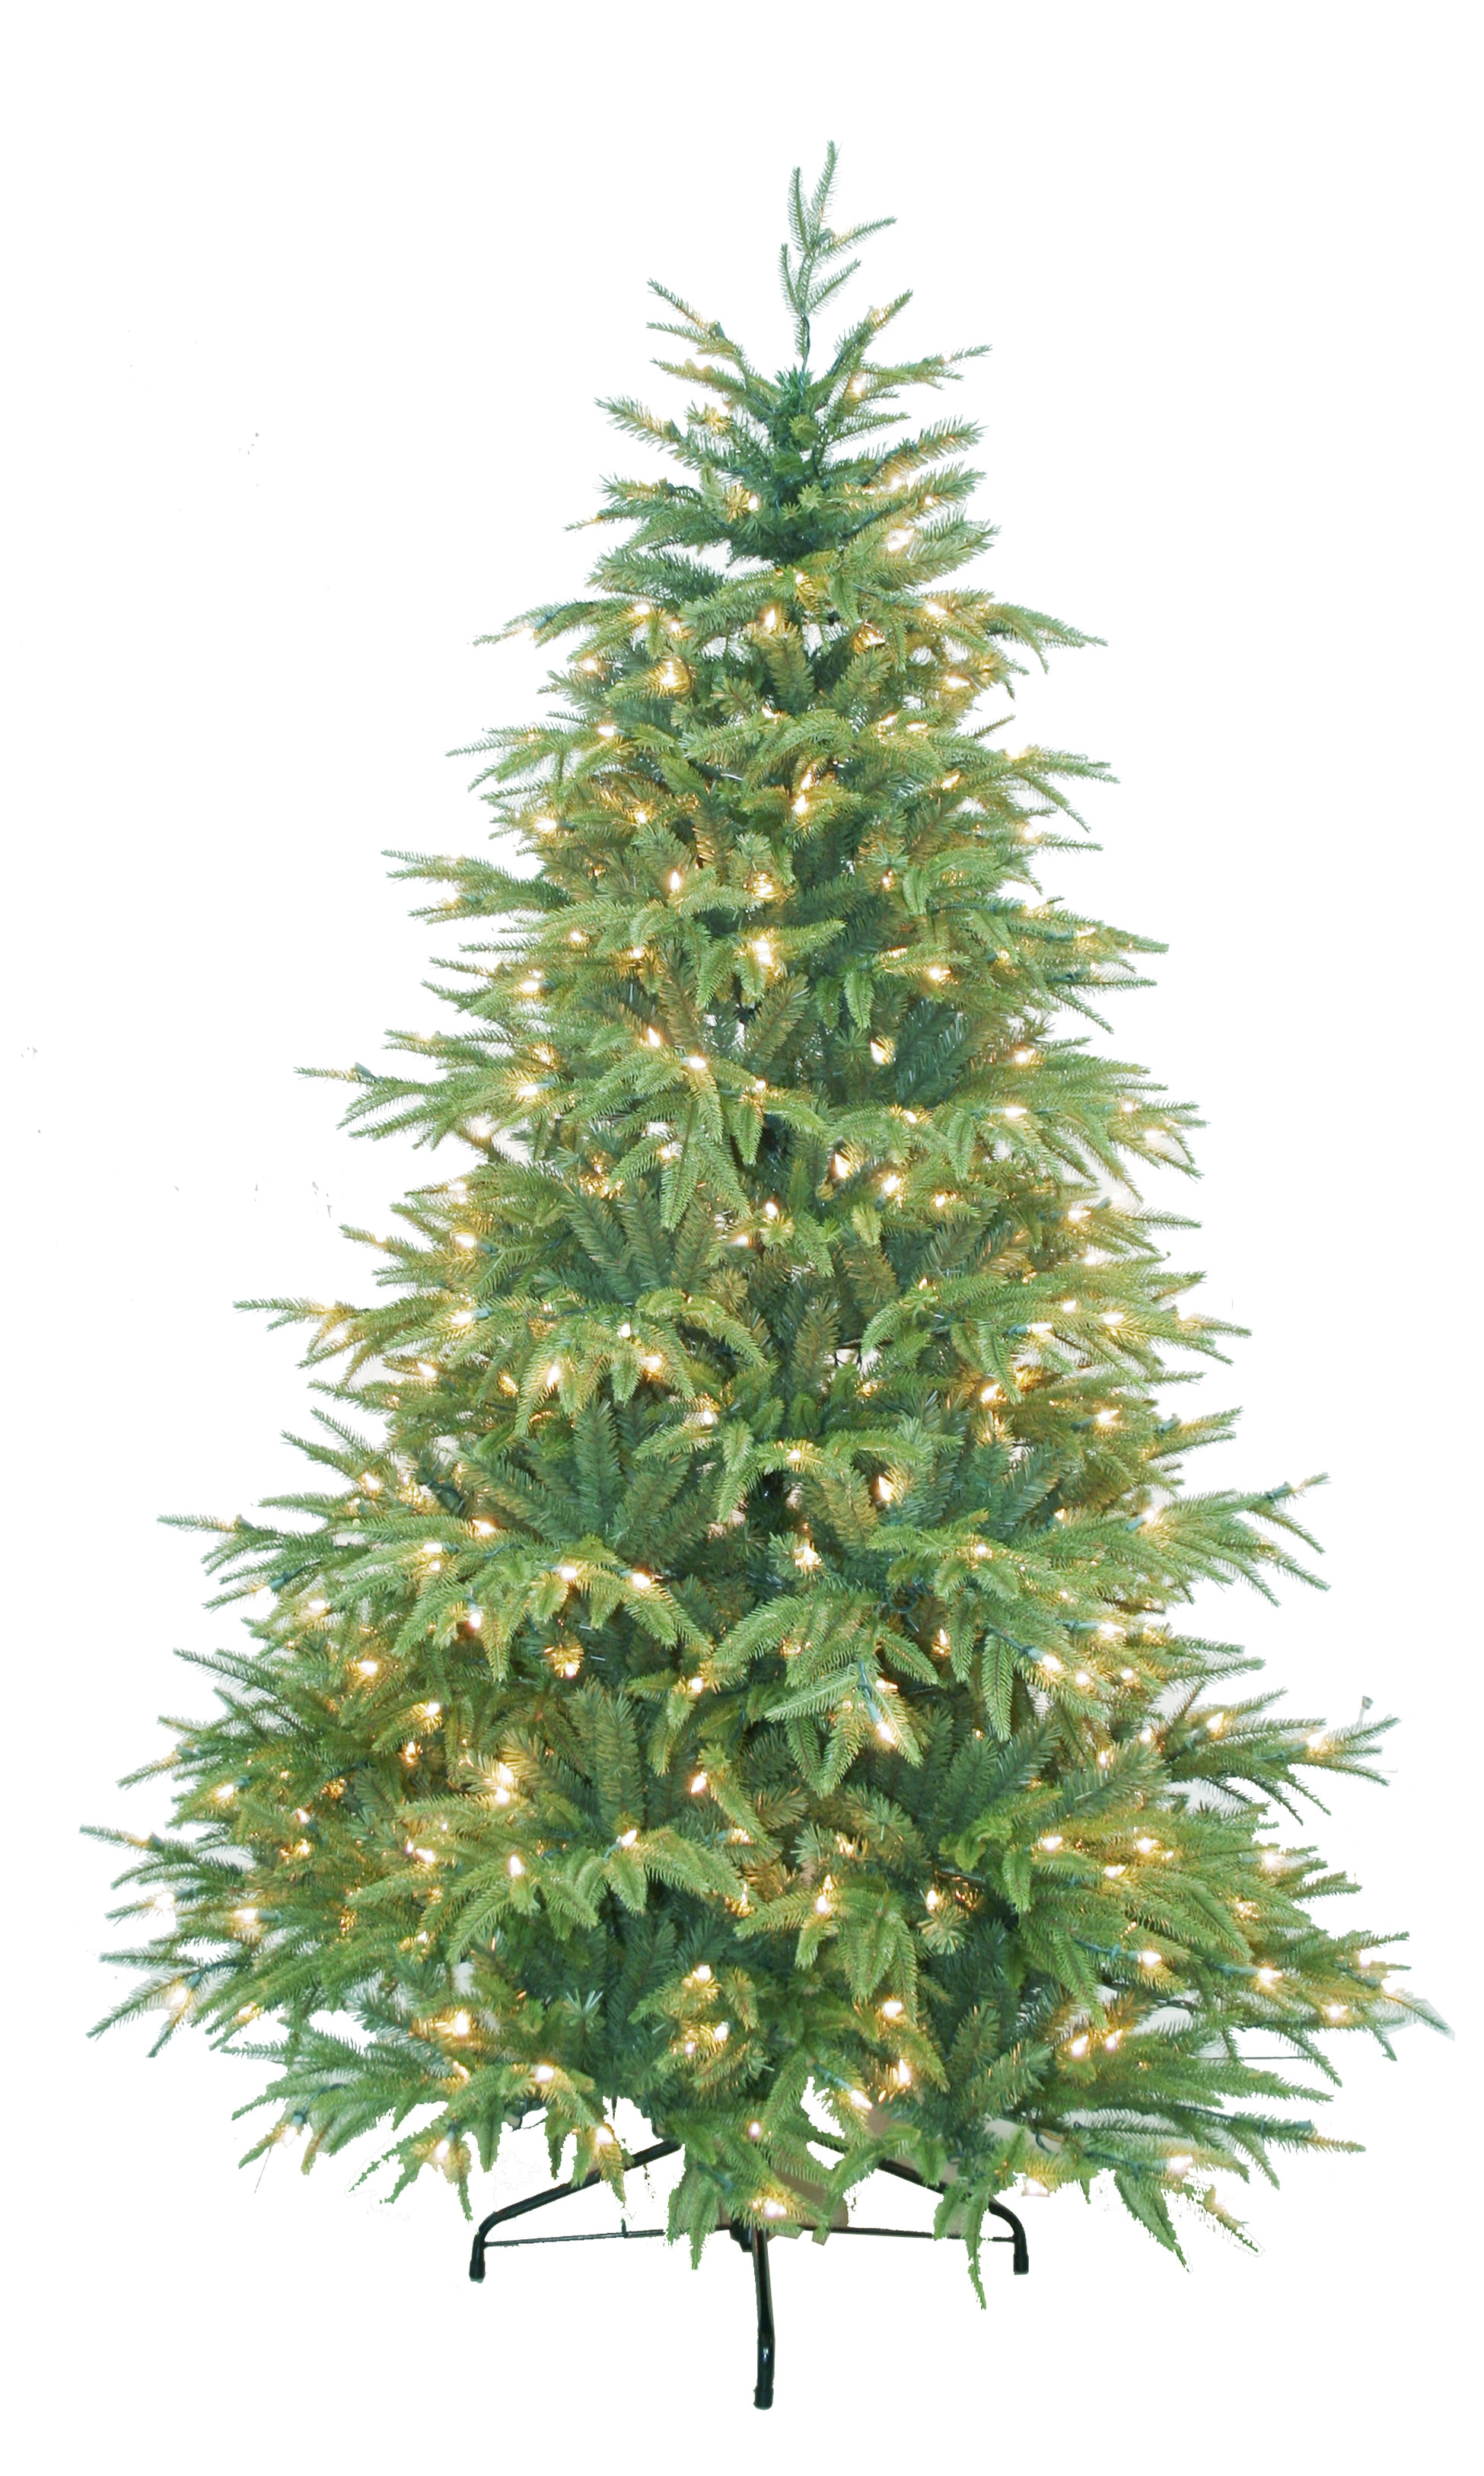 7 5 39 Led Christmas Tree Artificial Christmas Tree Sale